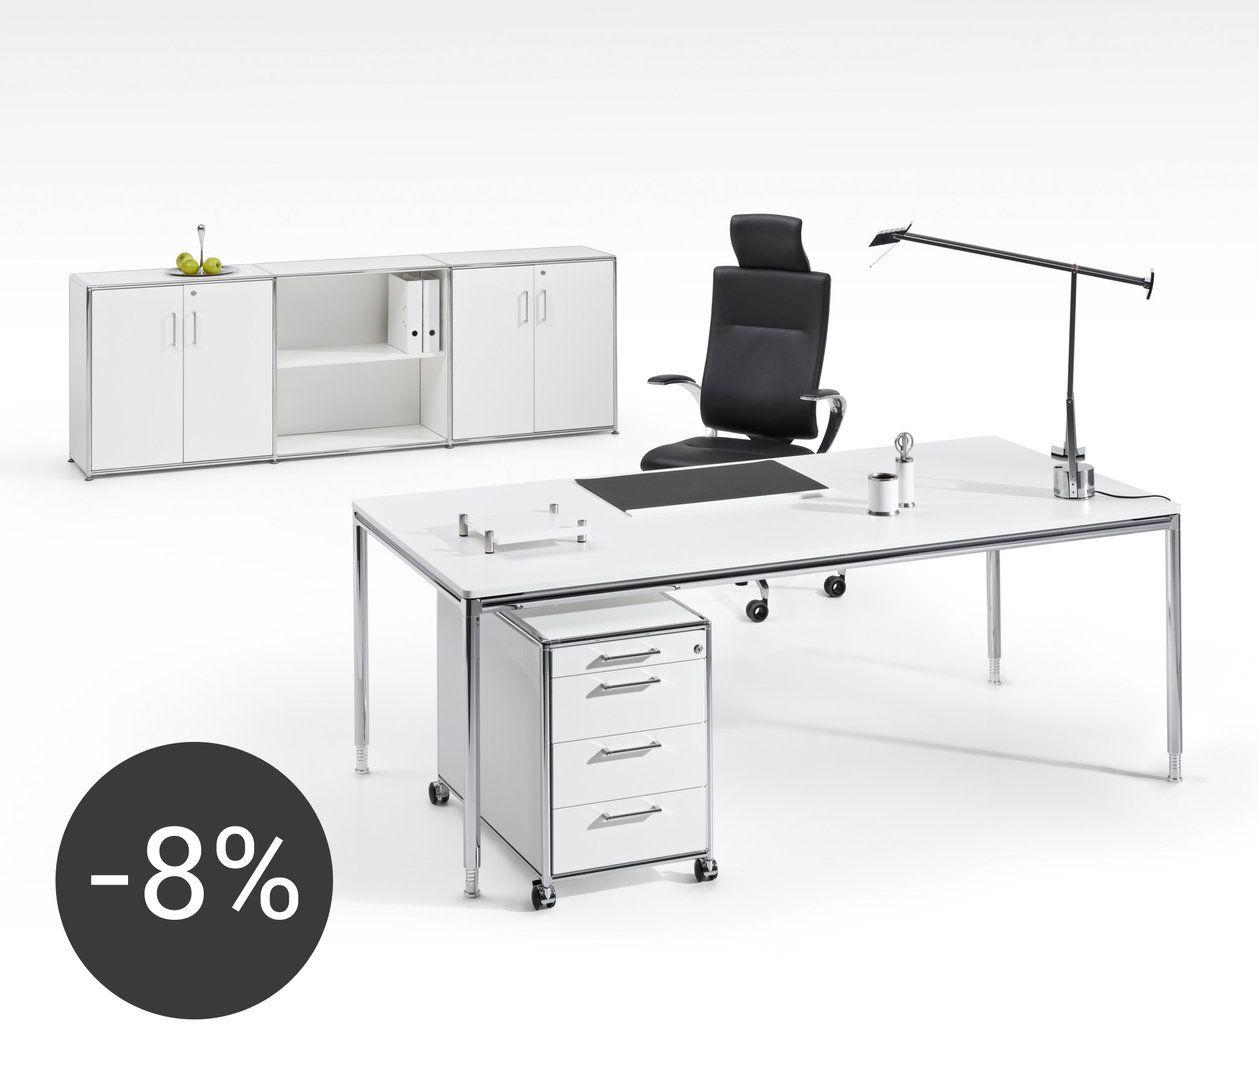 Bosse - Büromöbel Modul Space Set 1   der perfekte Ort zum Arbeiten ...